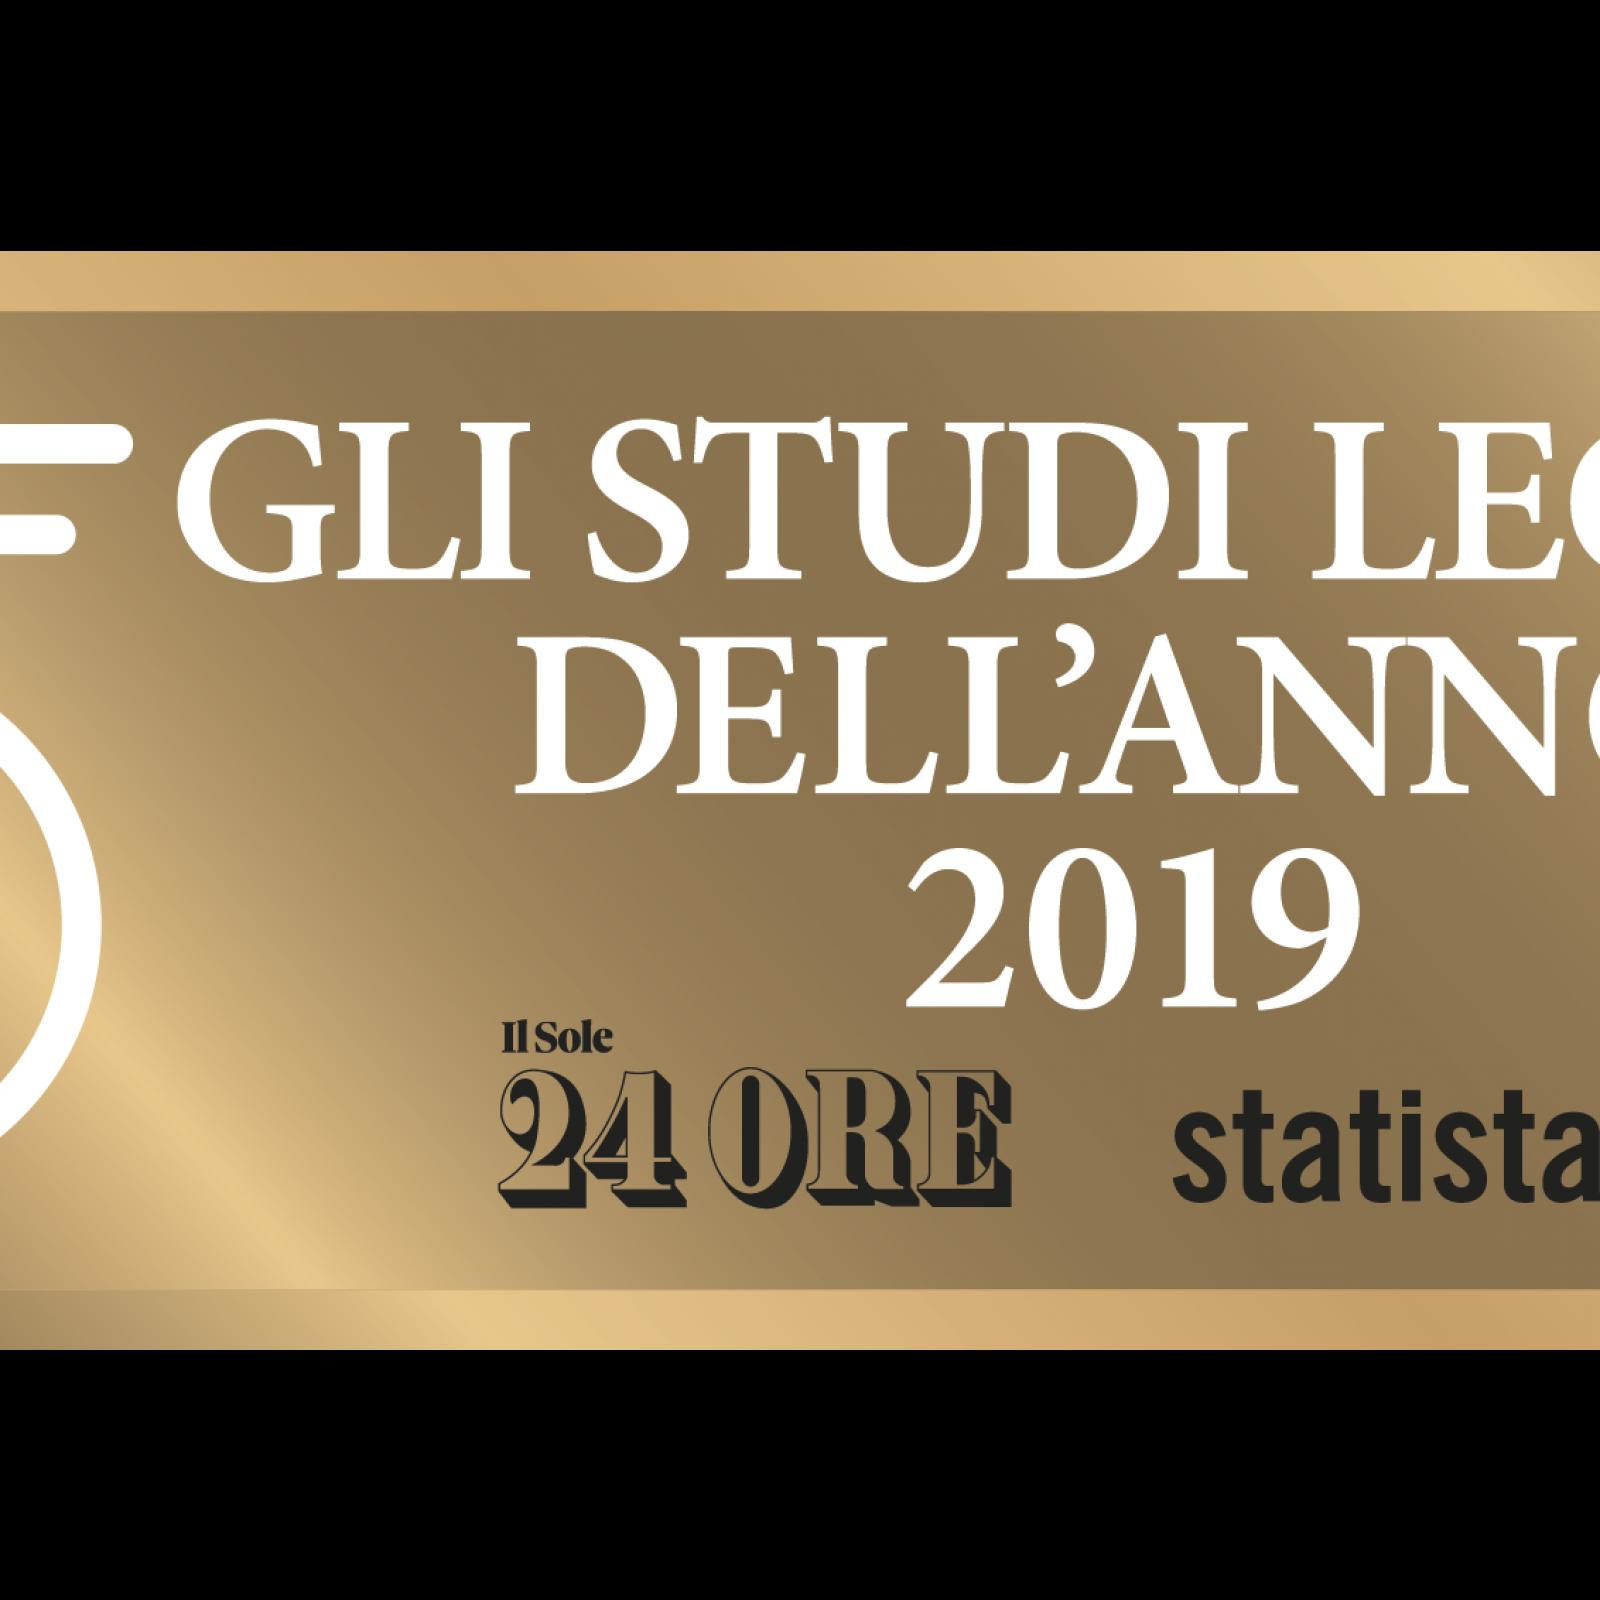 Lo studio legale Lucenti e Gattoni stp studio dell'anno 2019 Sole 24 Ore